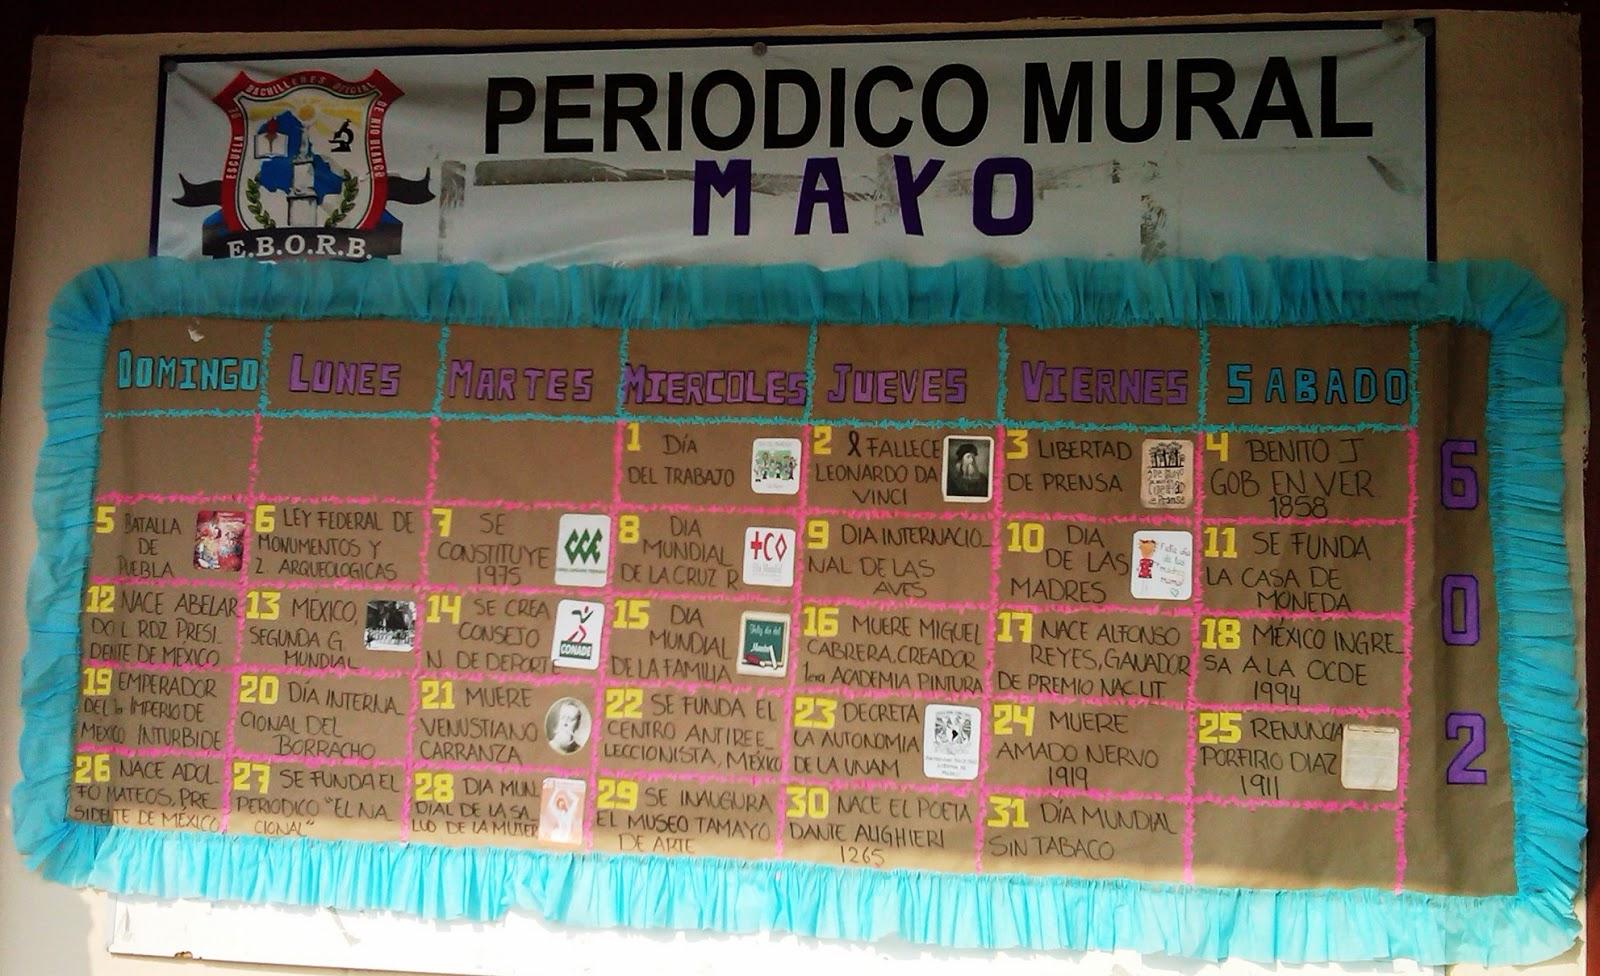 Escuela de bachilleres oficial de rio blanco periodico for Deportes para un periodico mural